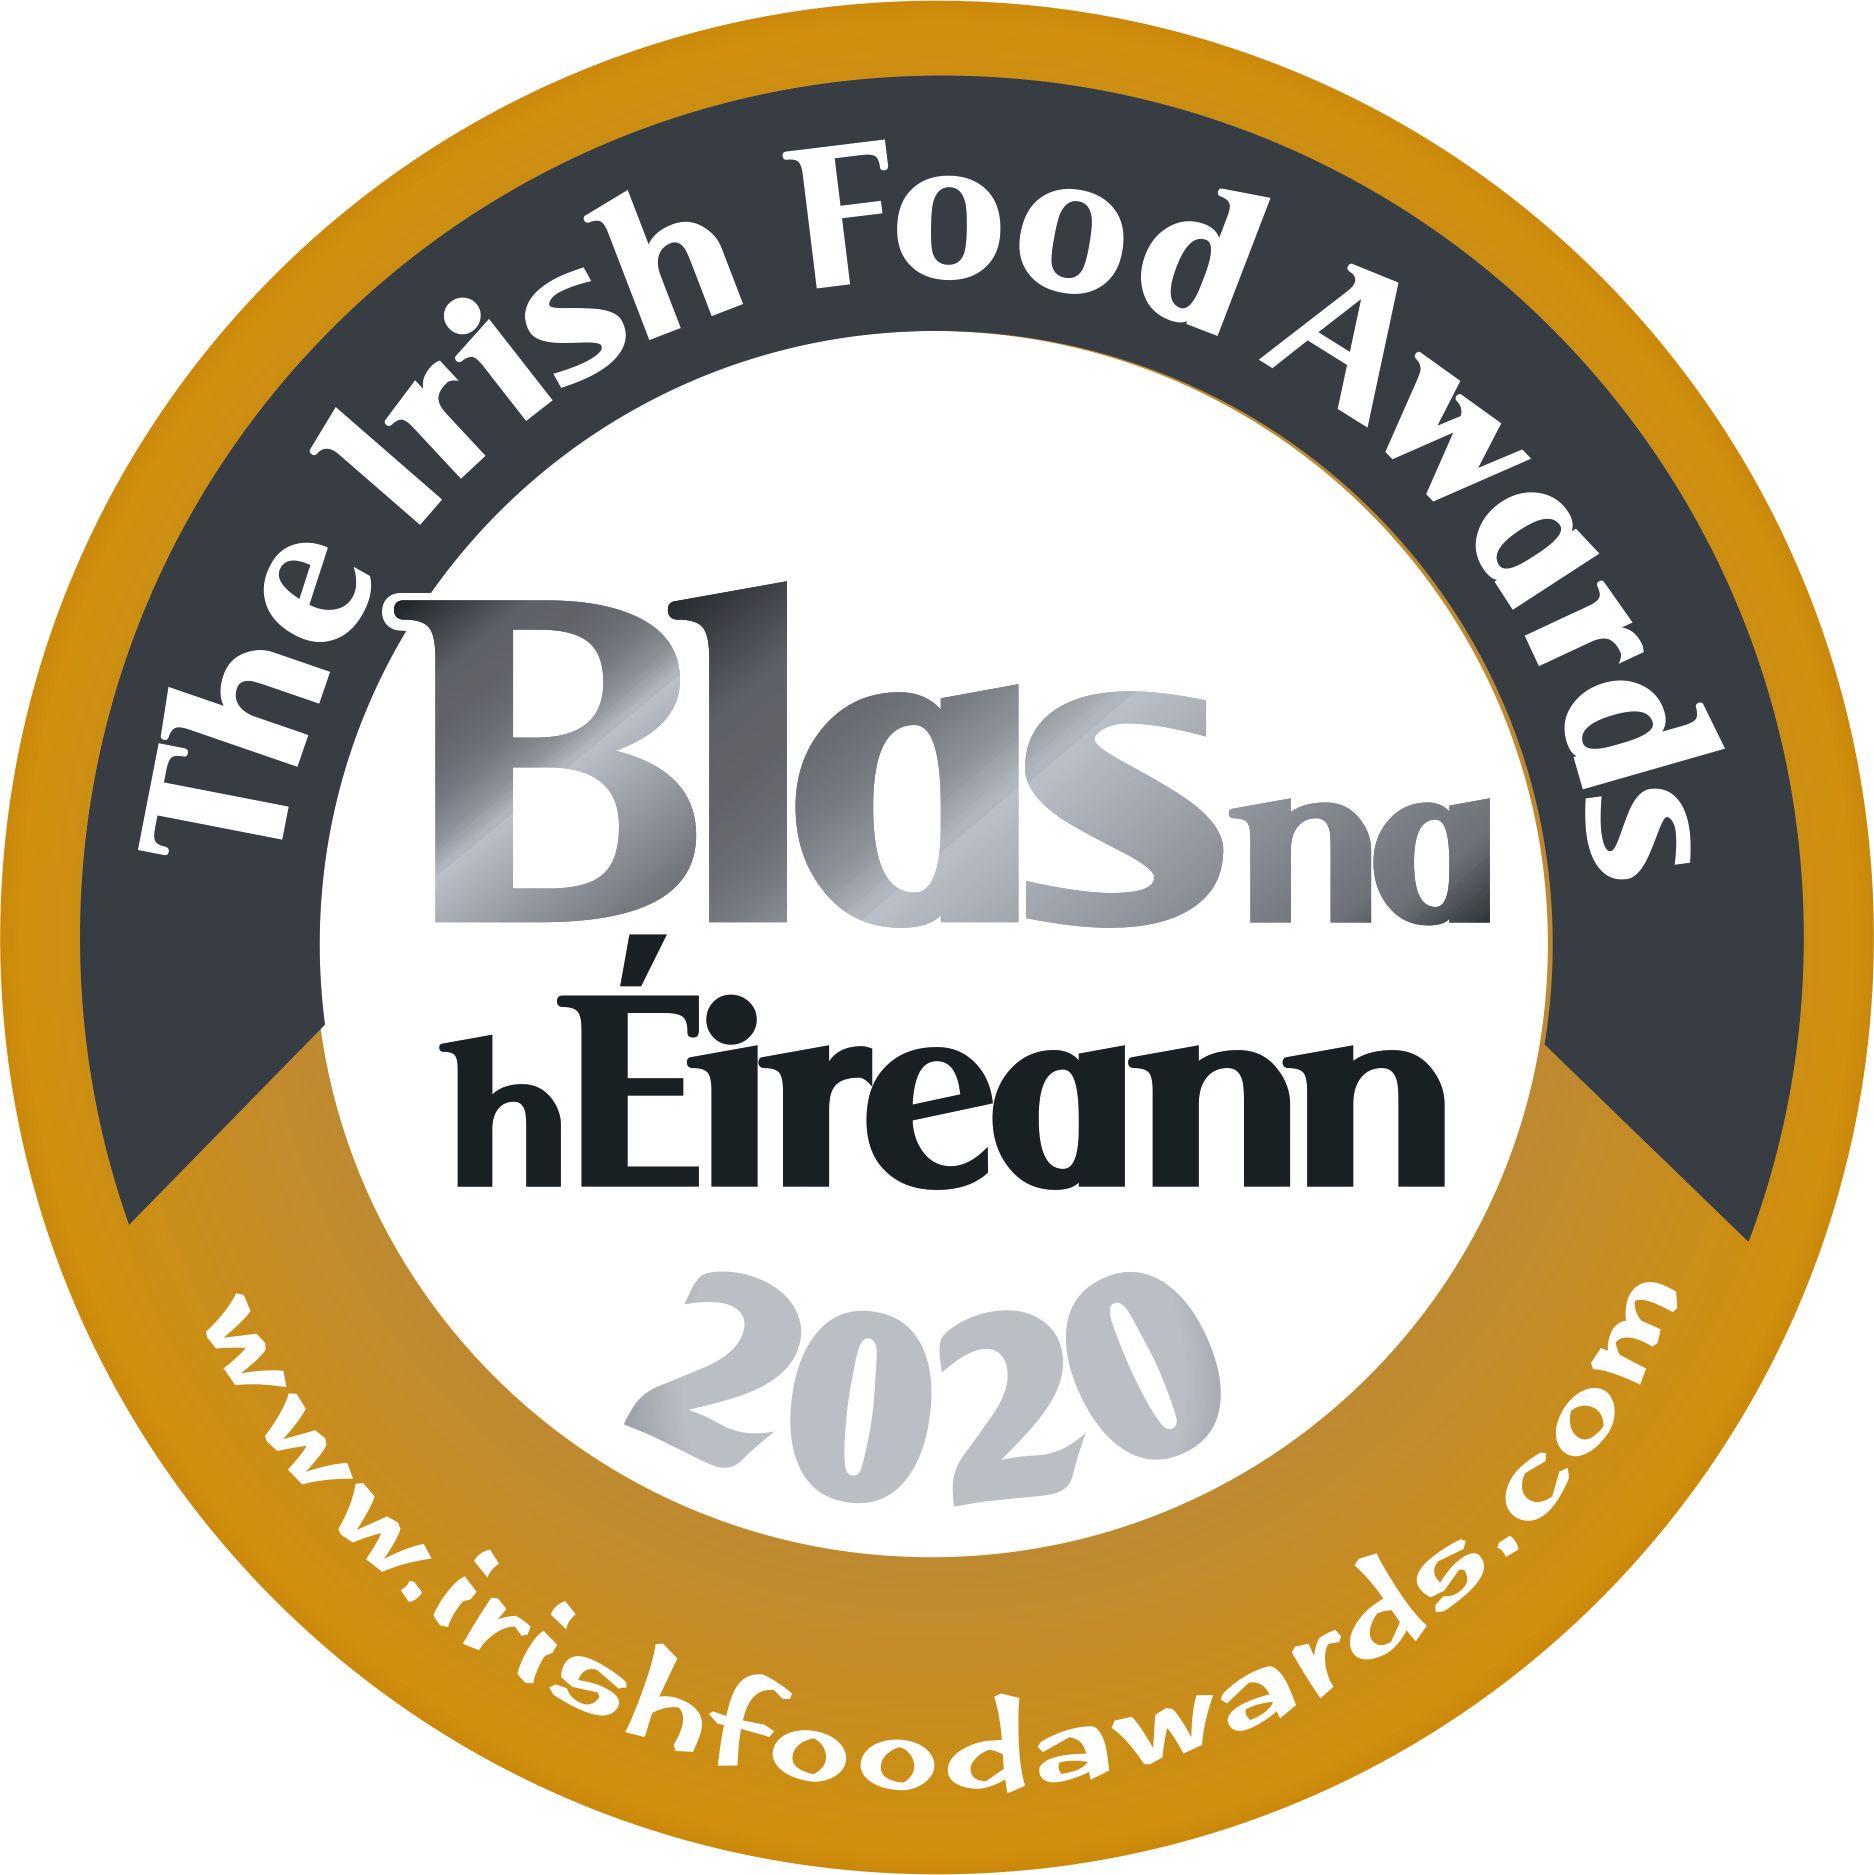 Blas na hEireann winners from County Wicklow